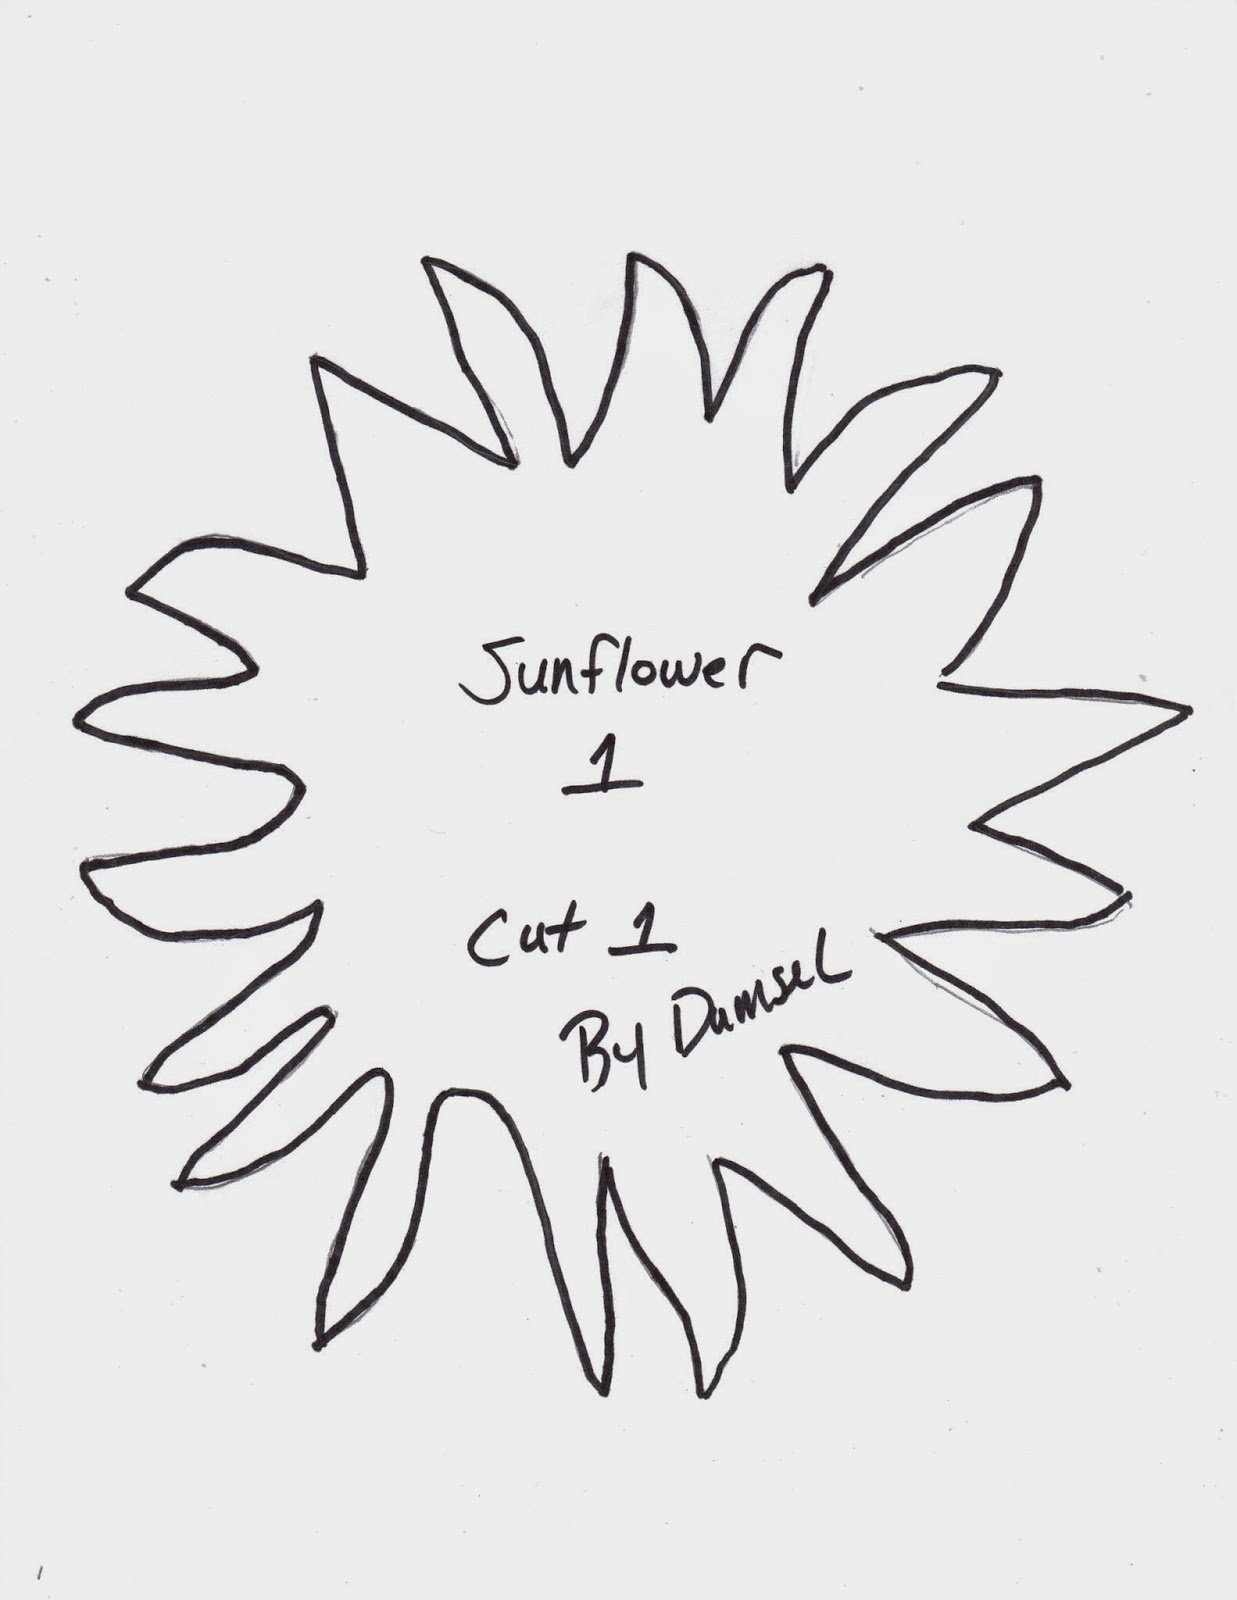 Damsel Quilts & Crafts: Sunflower Block